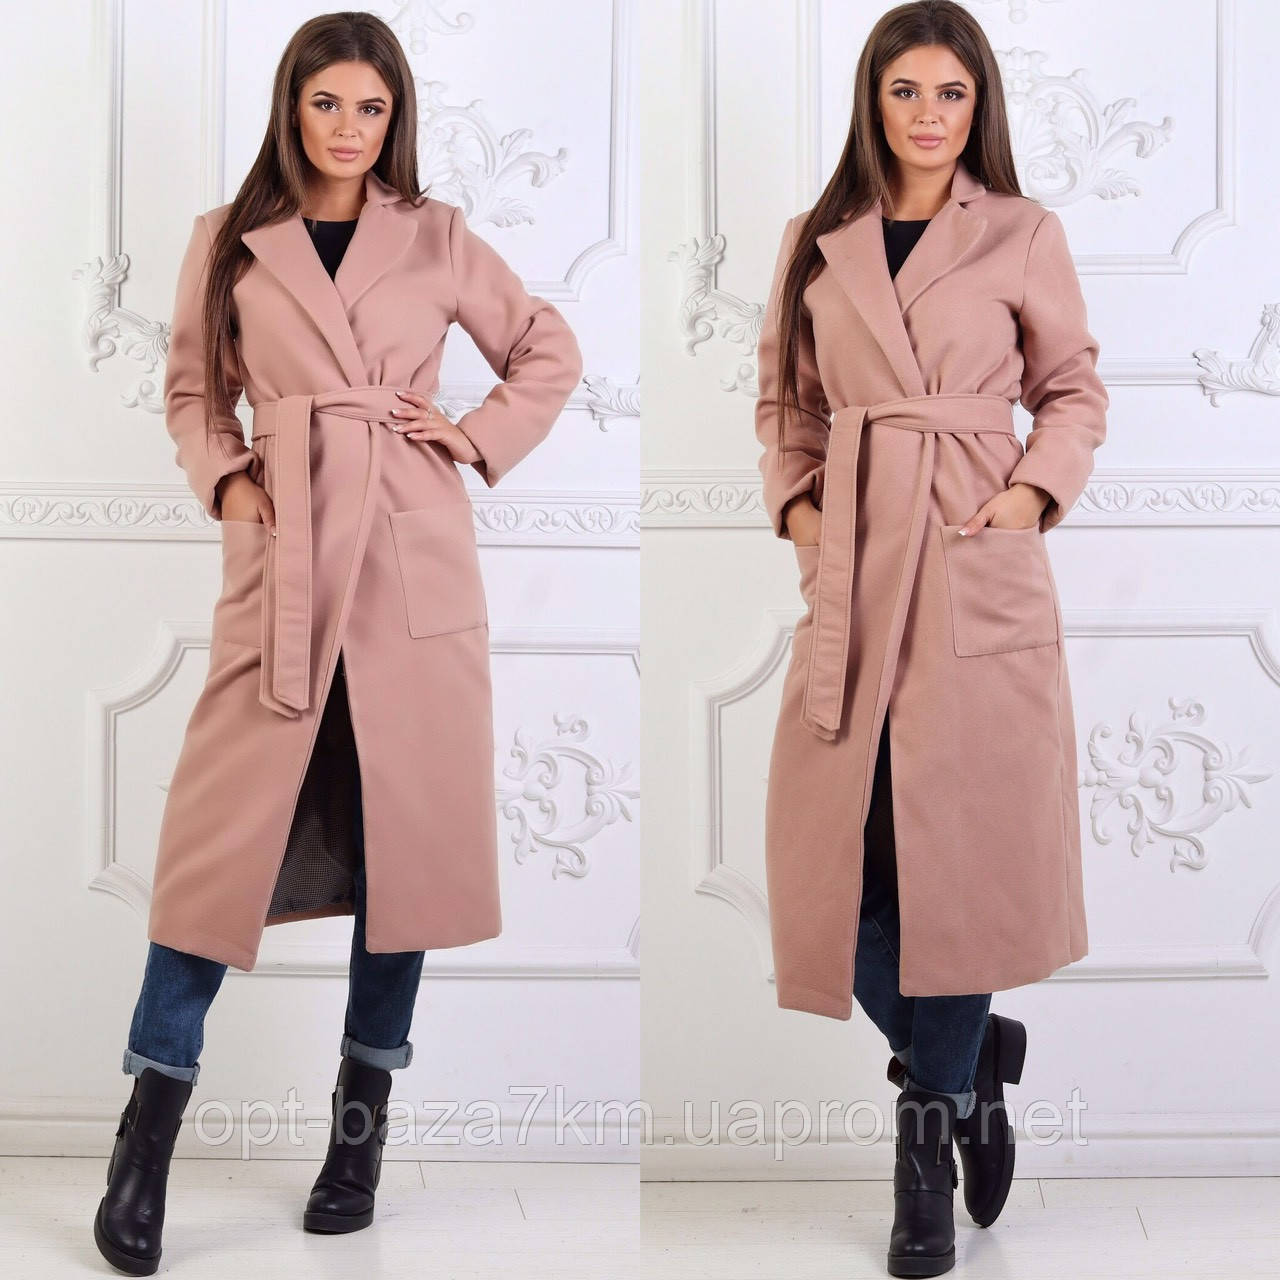 89184307fbd Пальто женское кашемировое на подкладке (р.р. 42 - 48) Украина